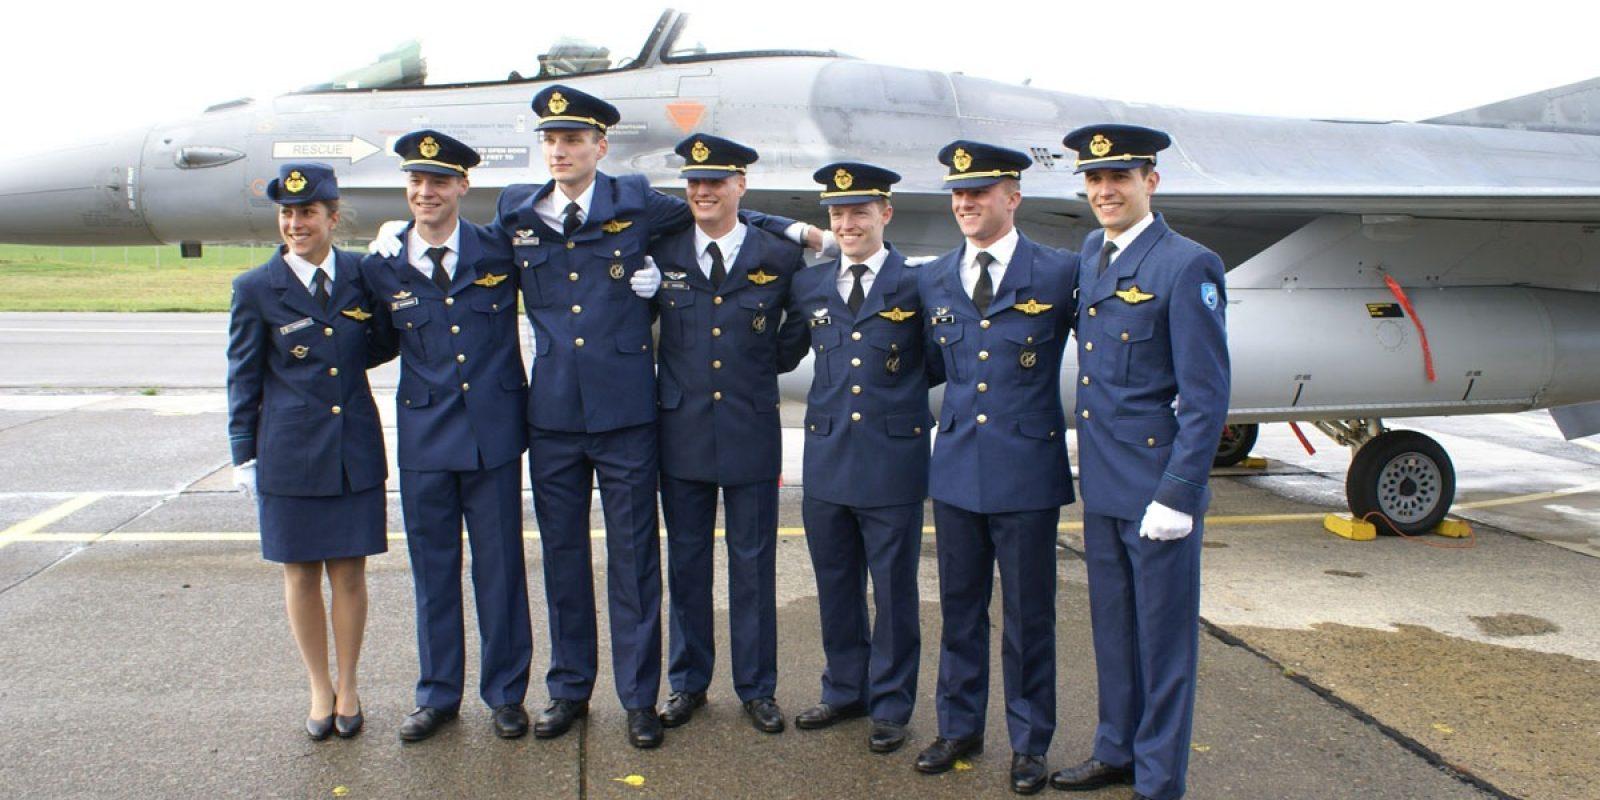 Les sept nouveaux pilotes belges montrant fièrement leurs ailes toutes neuves qui les font entrer dans le club très fermé des aviateurs.